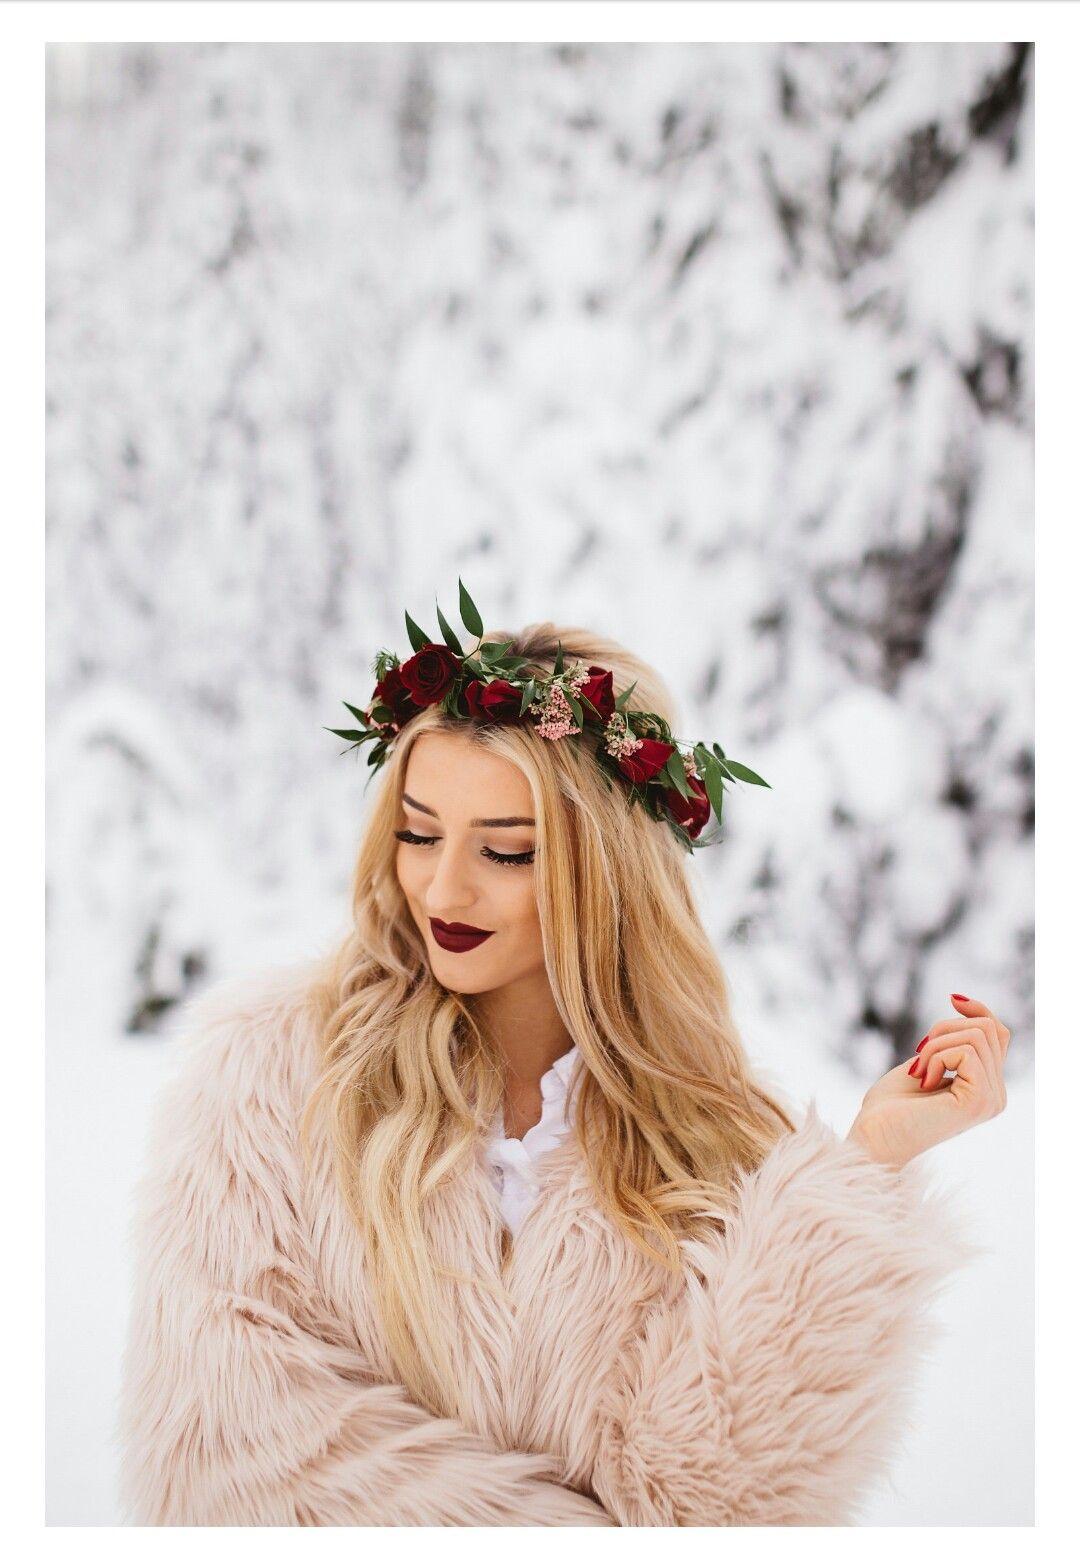 Ideal winter photoshoot